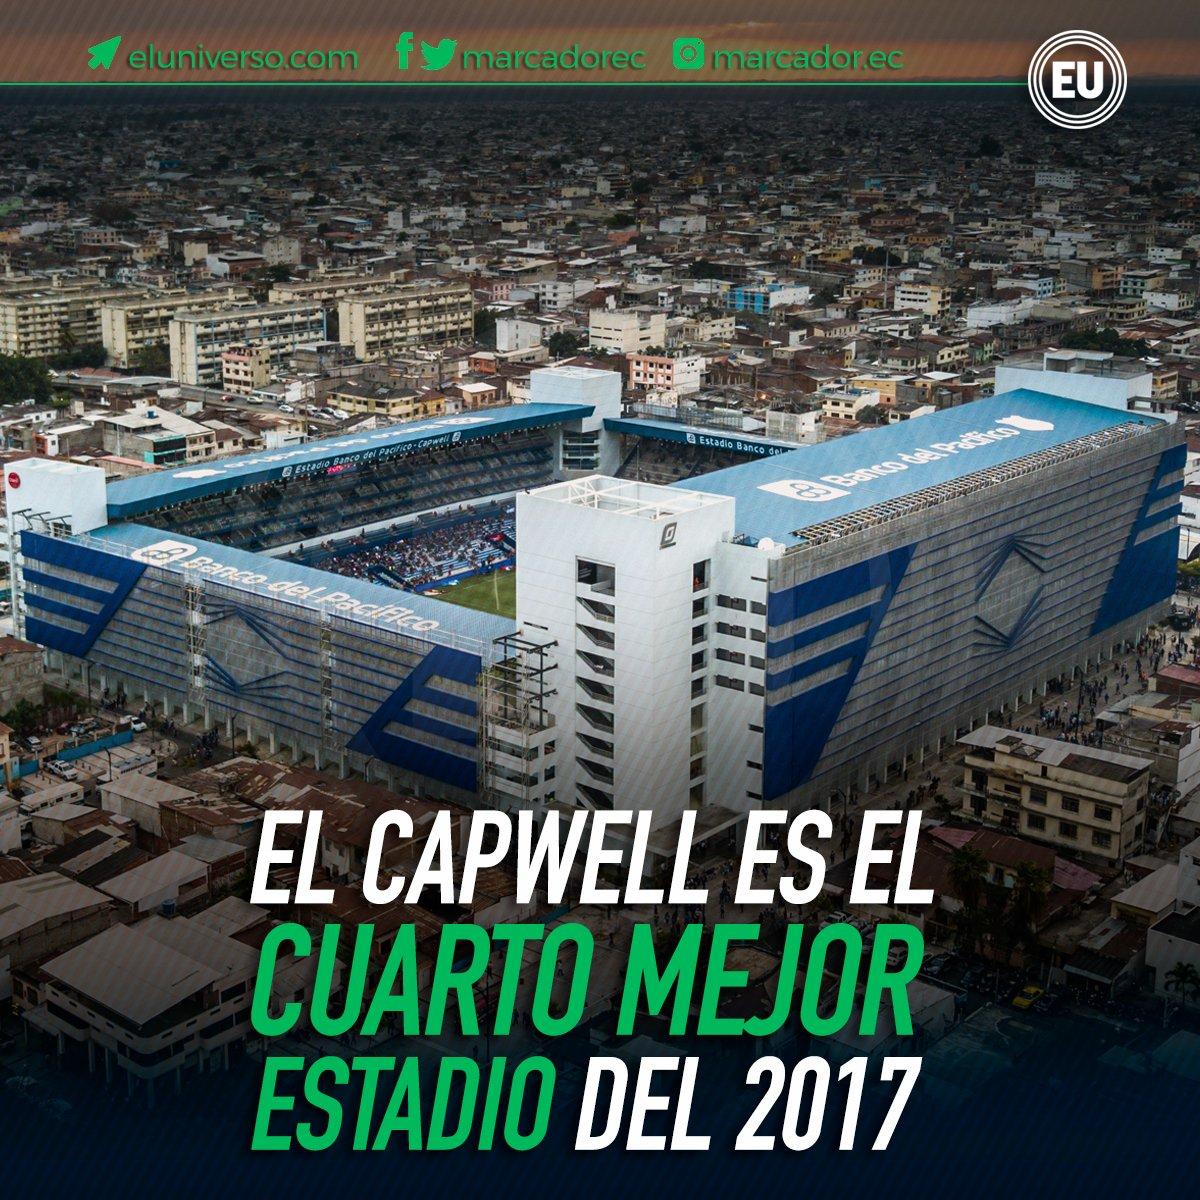 ¡ Atención hinchas de #Emelec ! El #Capwell fue reconocido como el cuarto mejor estadio del 2017. ► https://t.co/anK2n5Tqvu